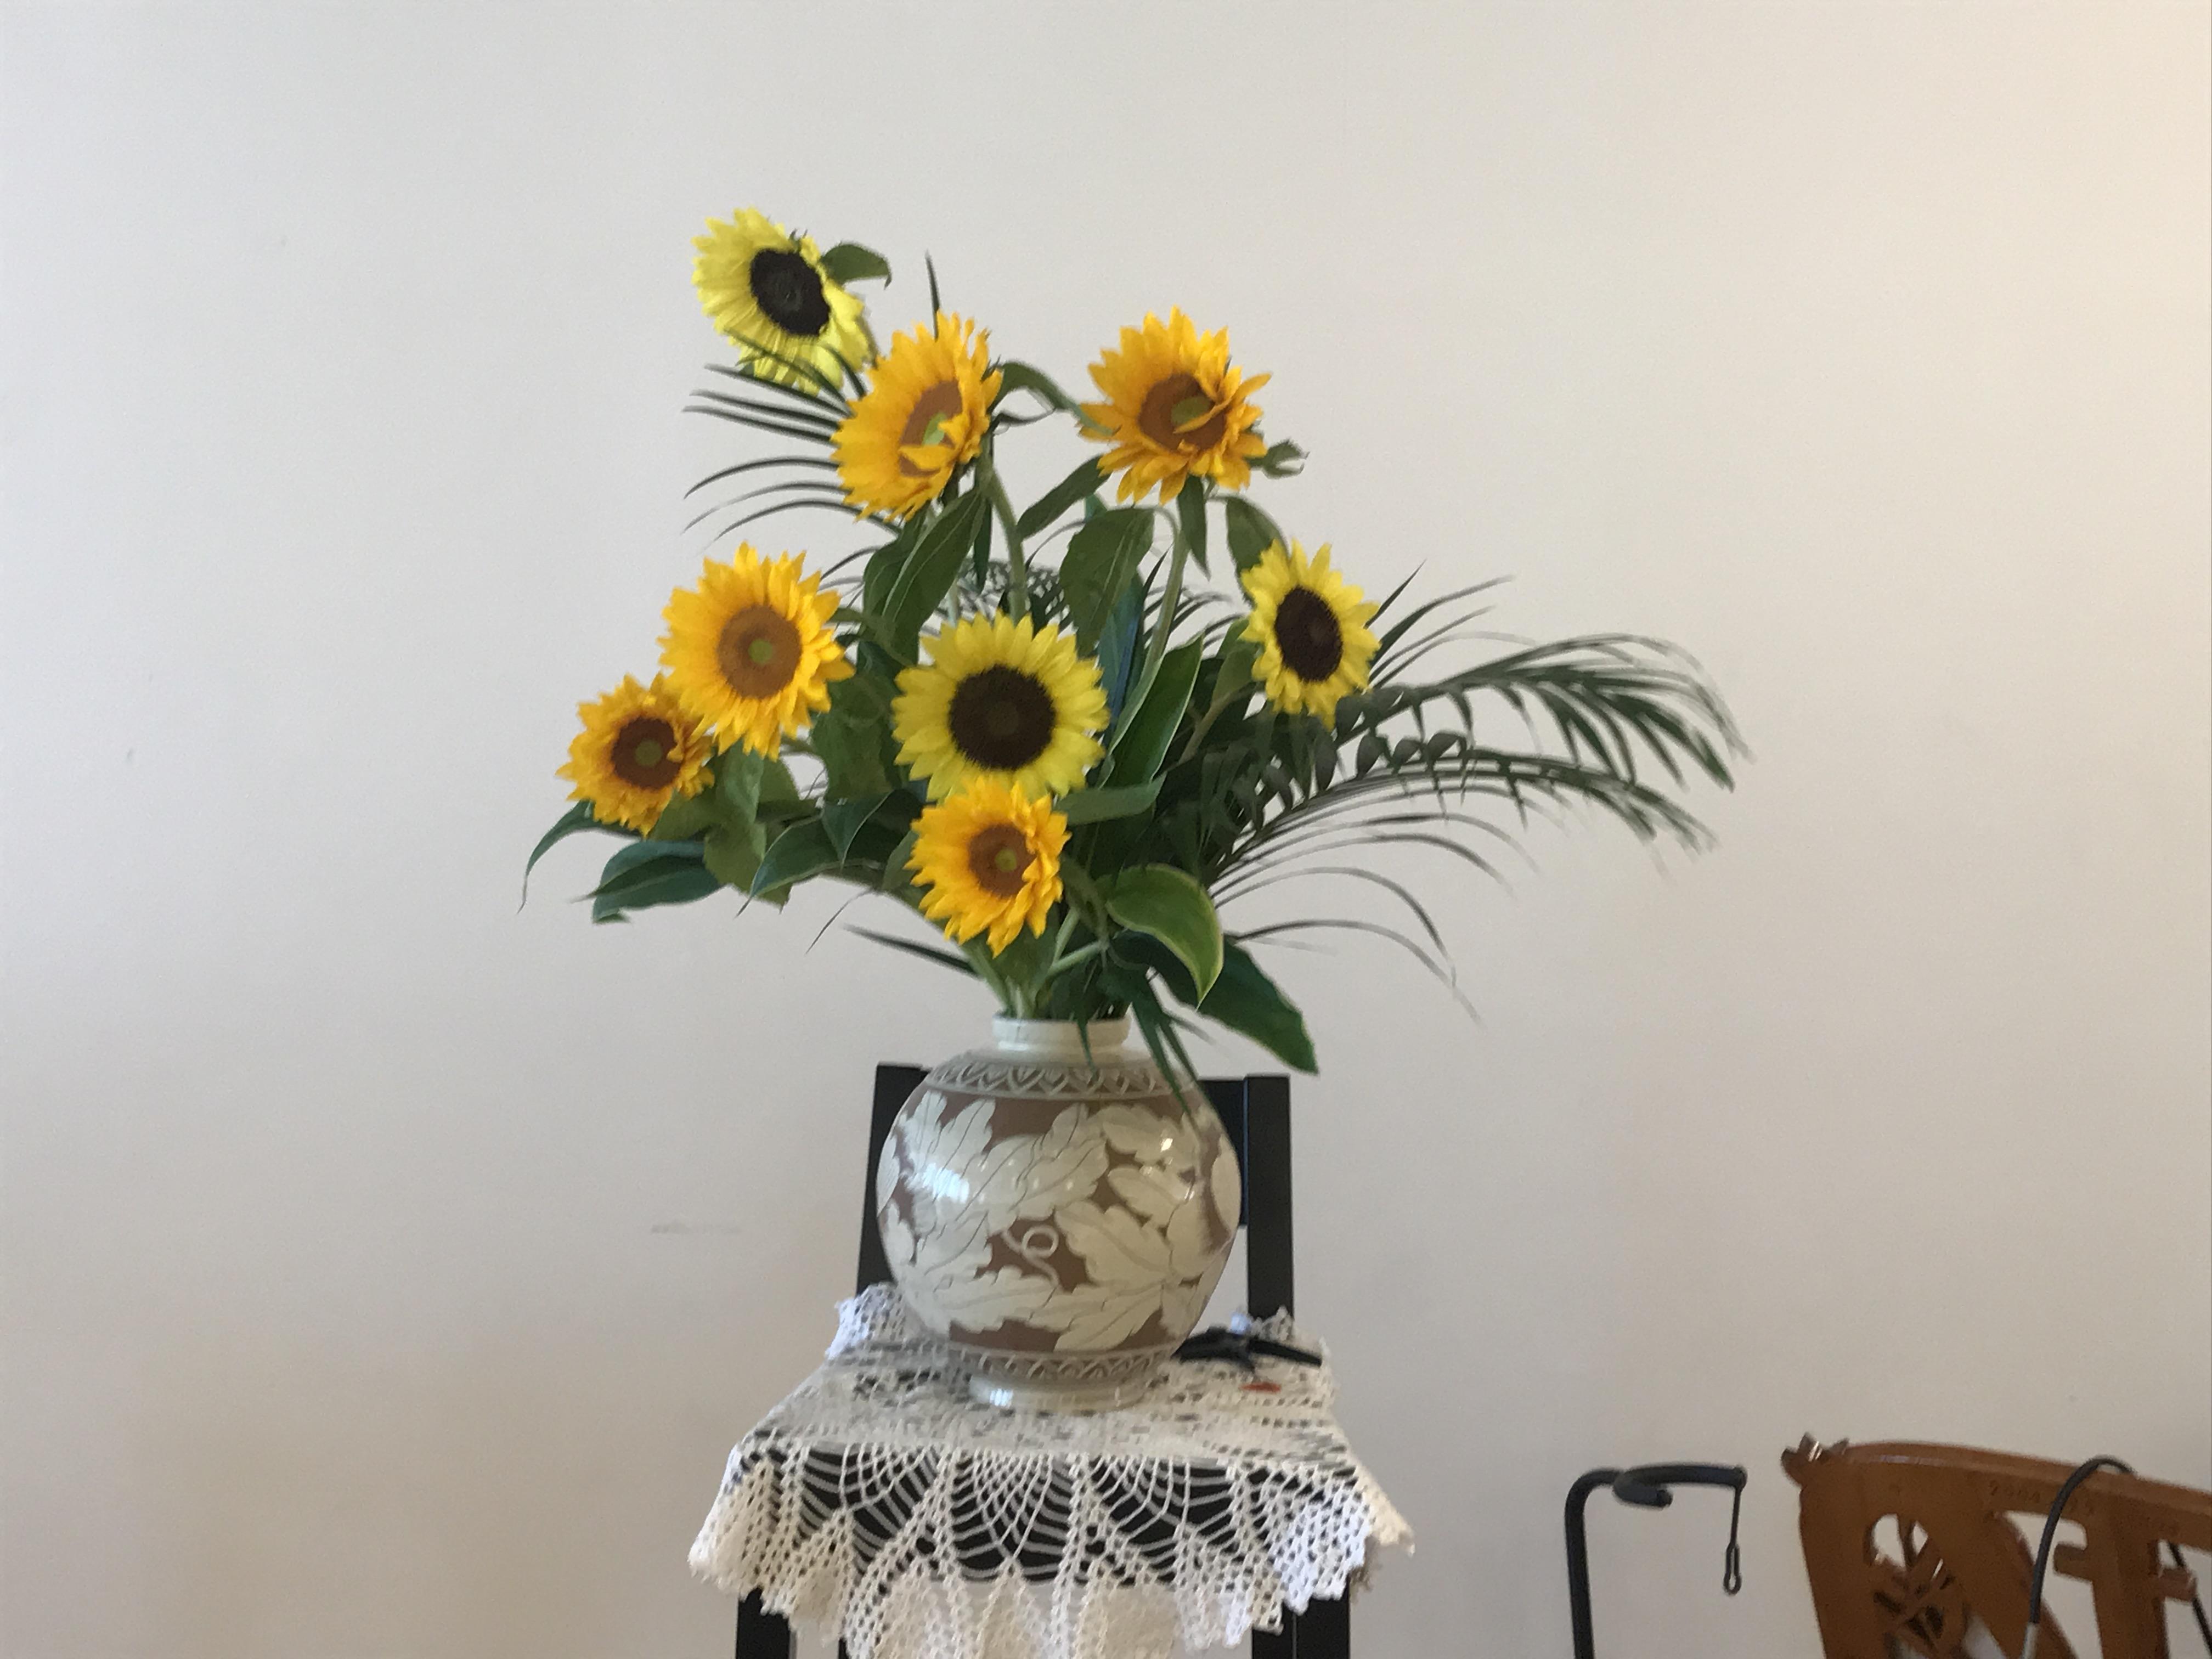 2018/8/5、ヒマワリ